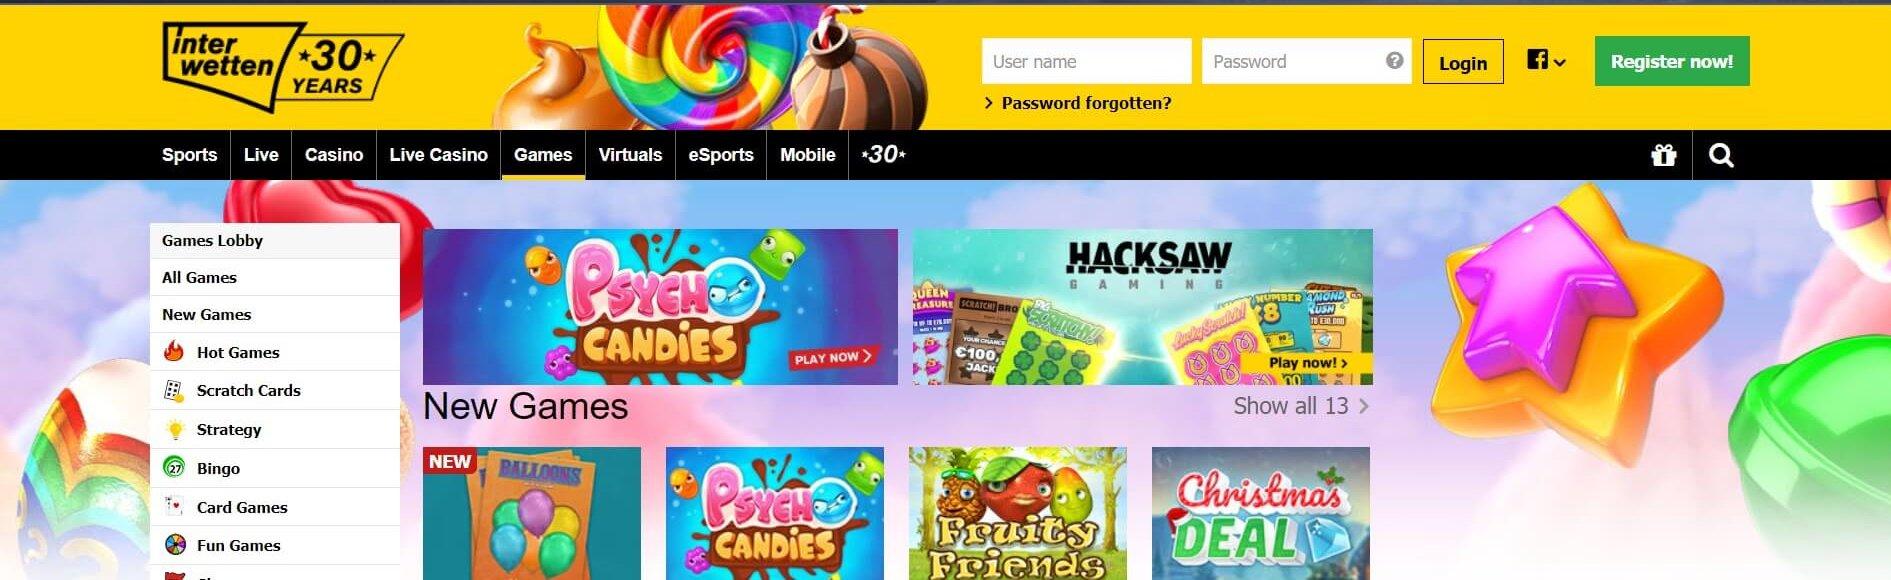 Interwetten ger dig många spelkategorier andra online casino saknar